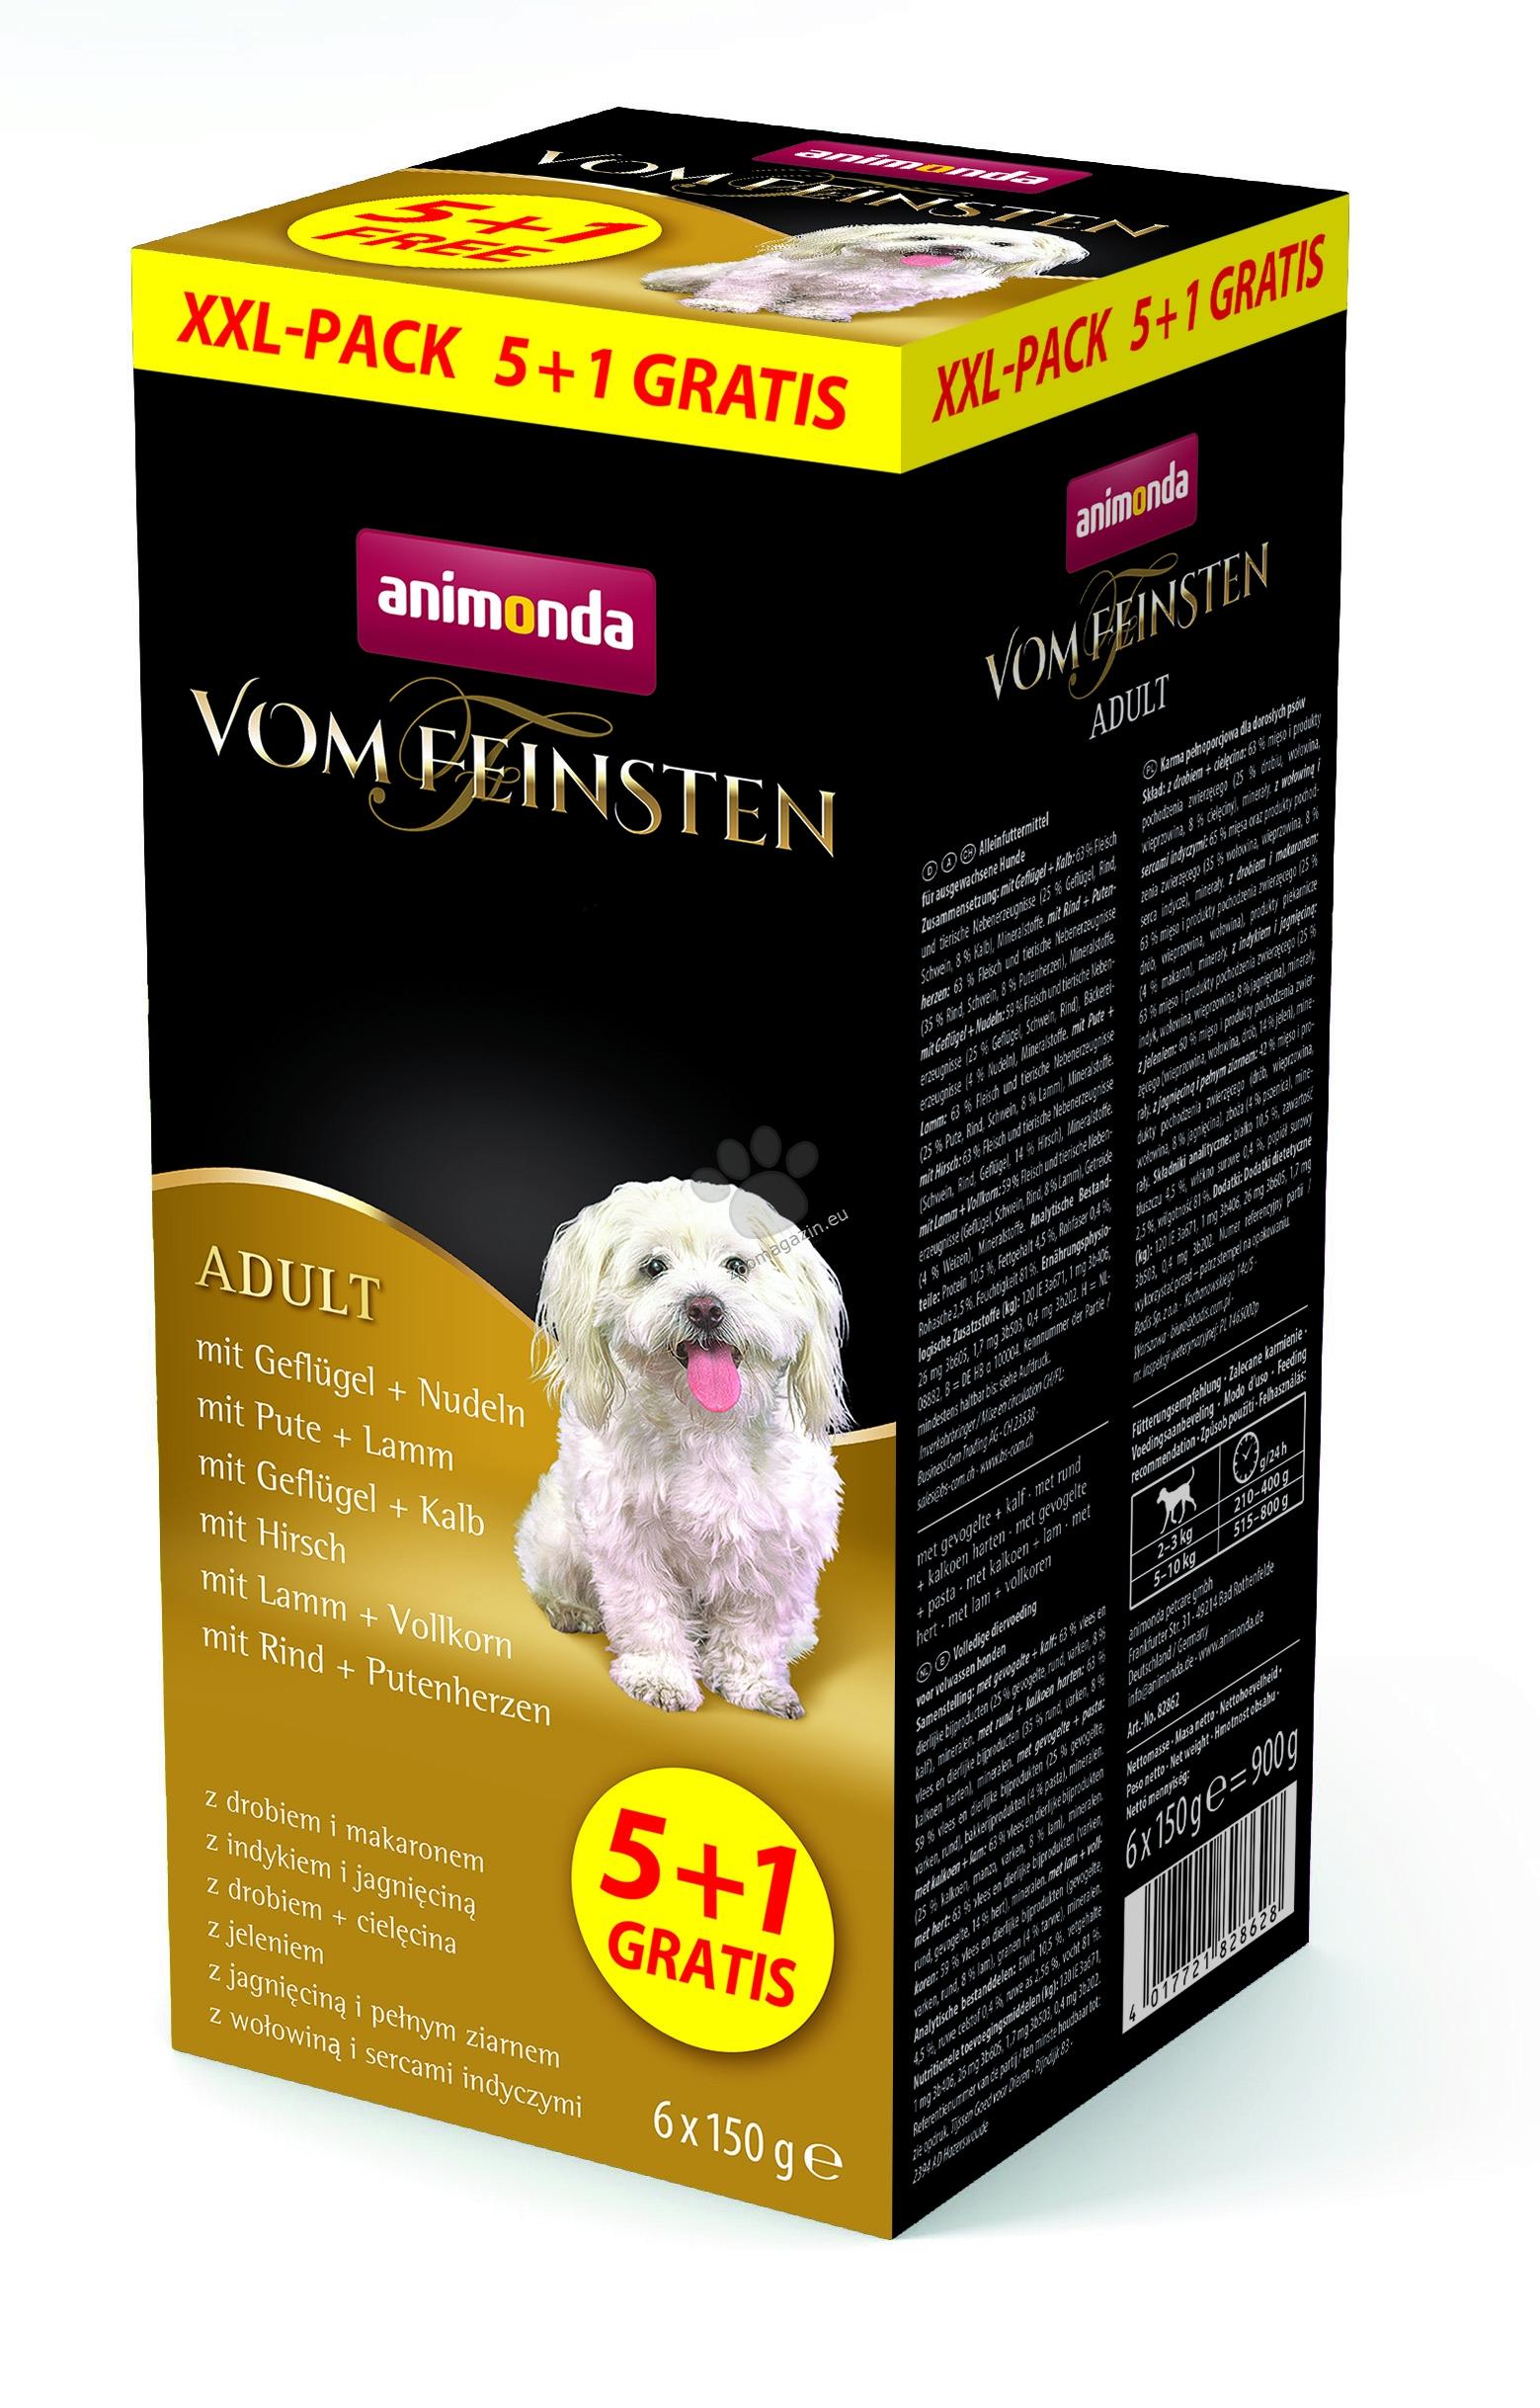 Animonda Vom Feinsten XXL - кутия със 6 броя пастети по 150 гр.